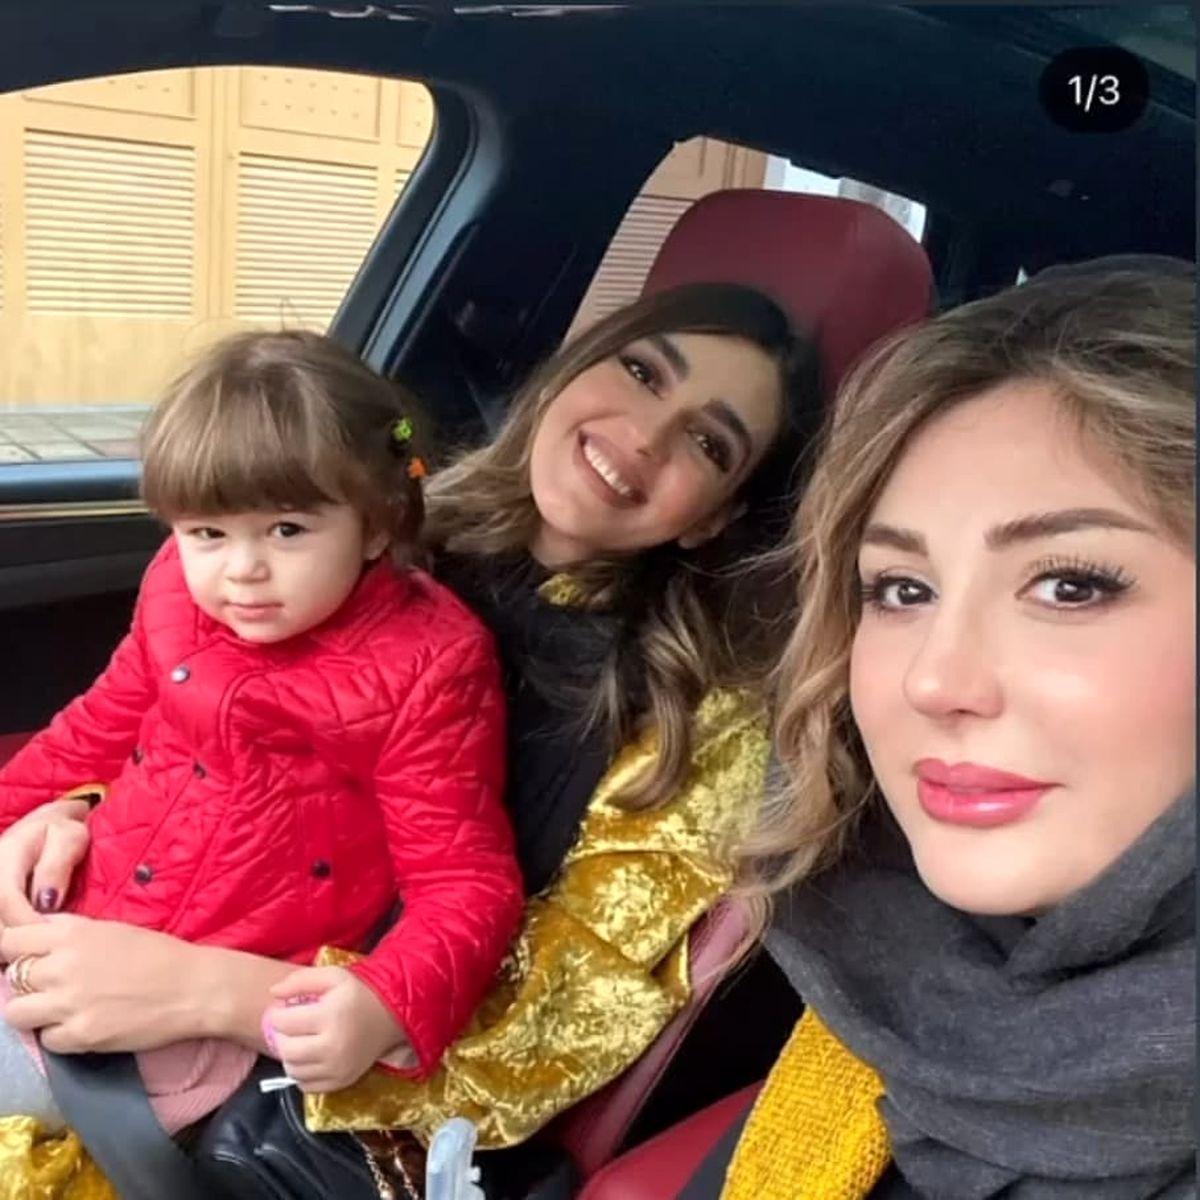 نیوشا ضیغمی و دخترش با خودری میلیاردی اش + عکس